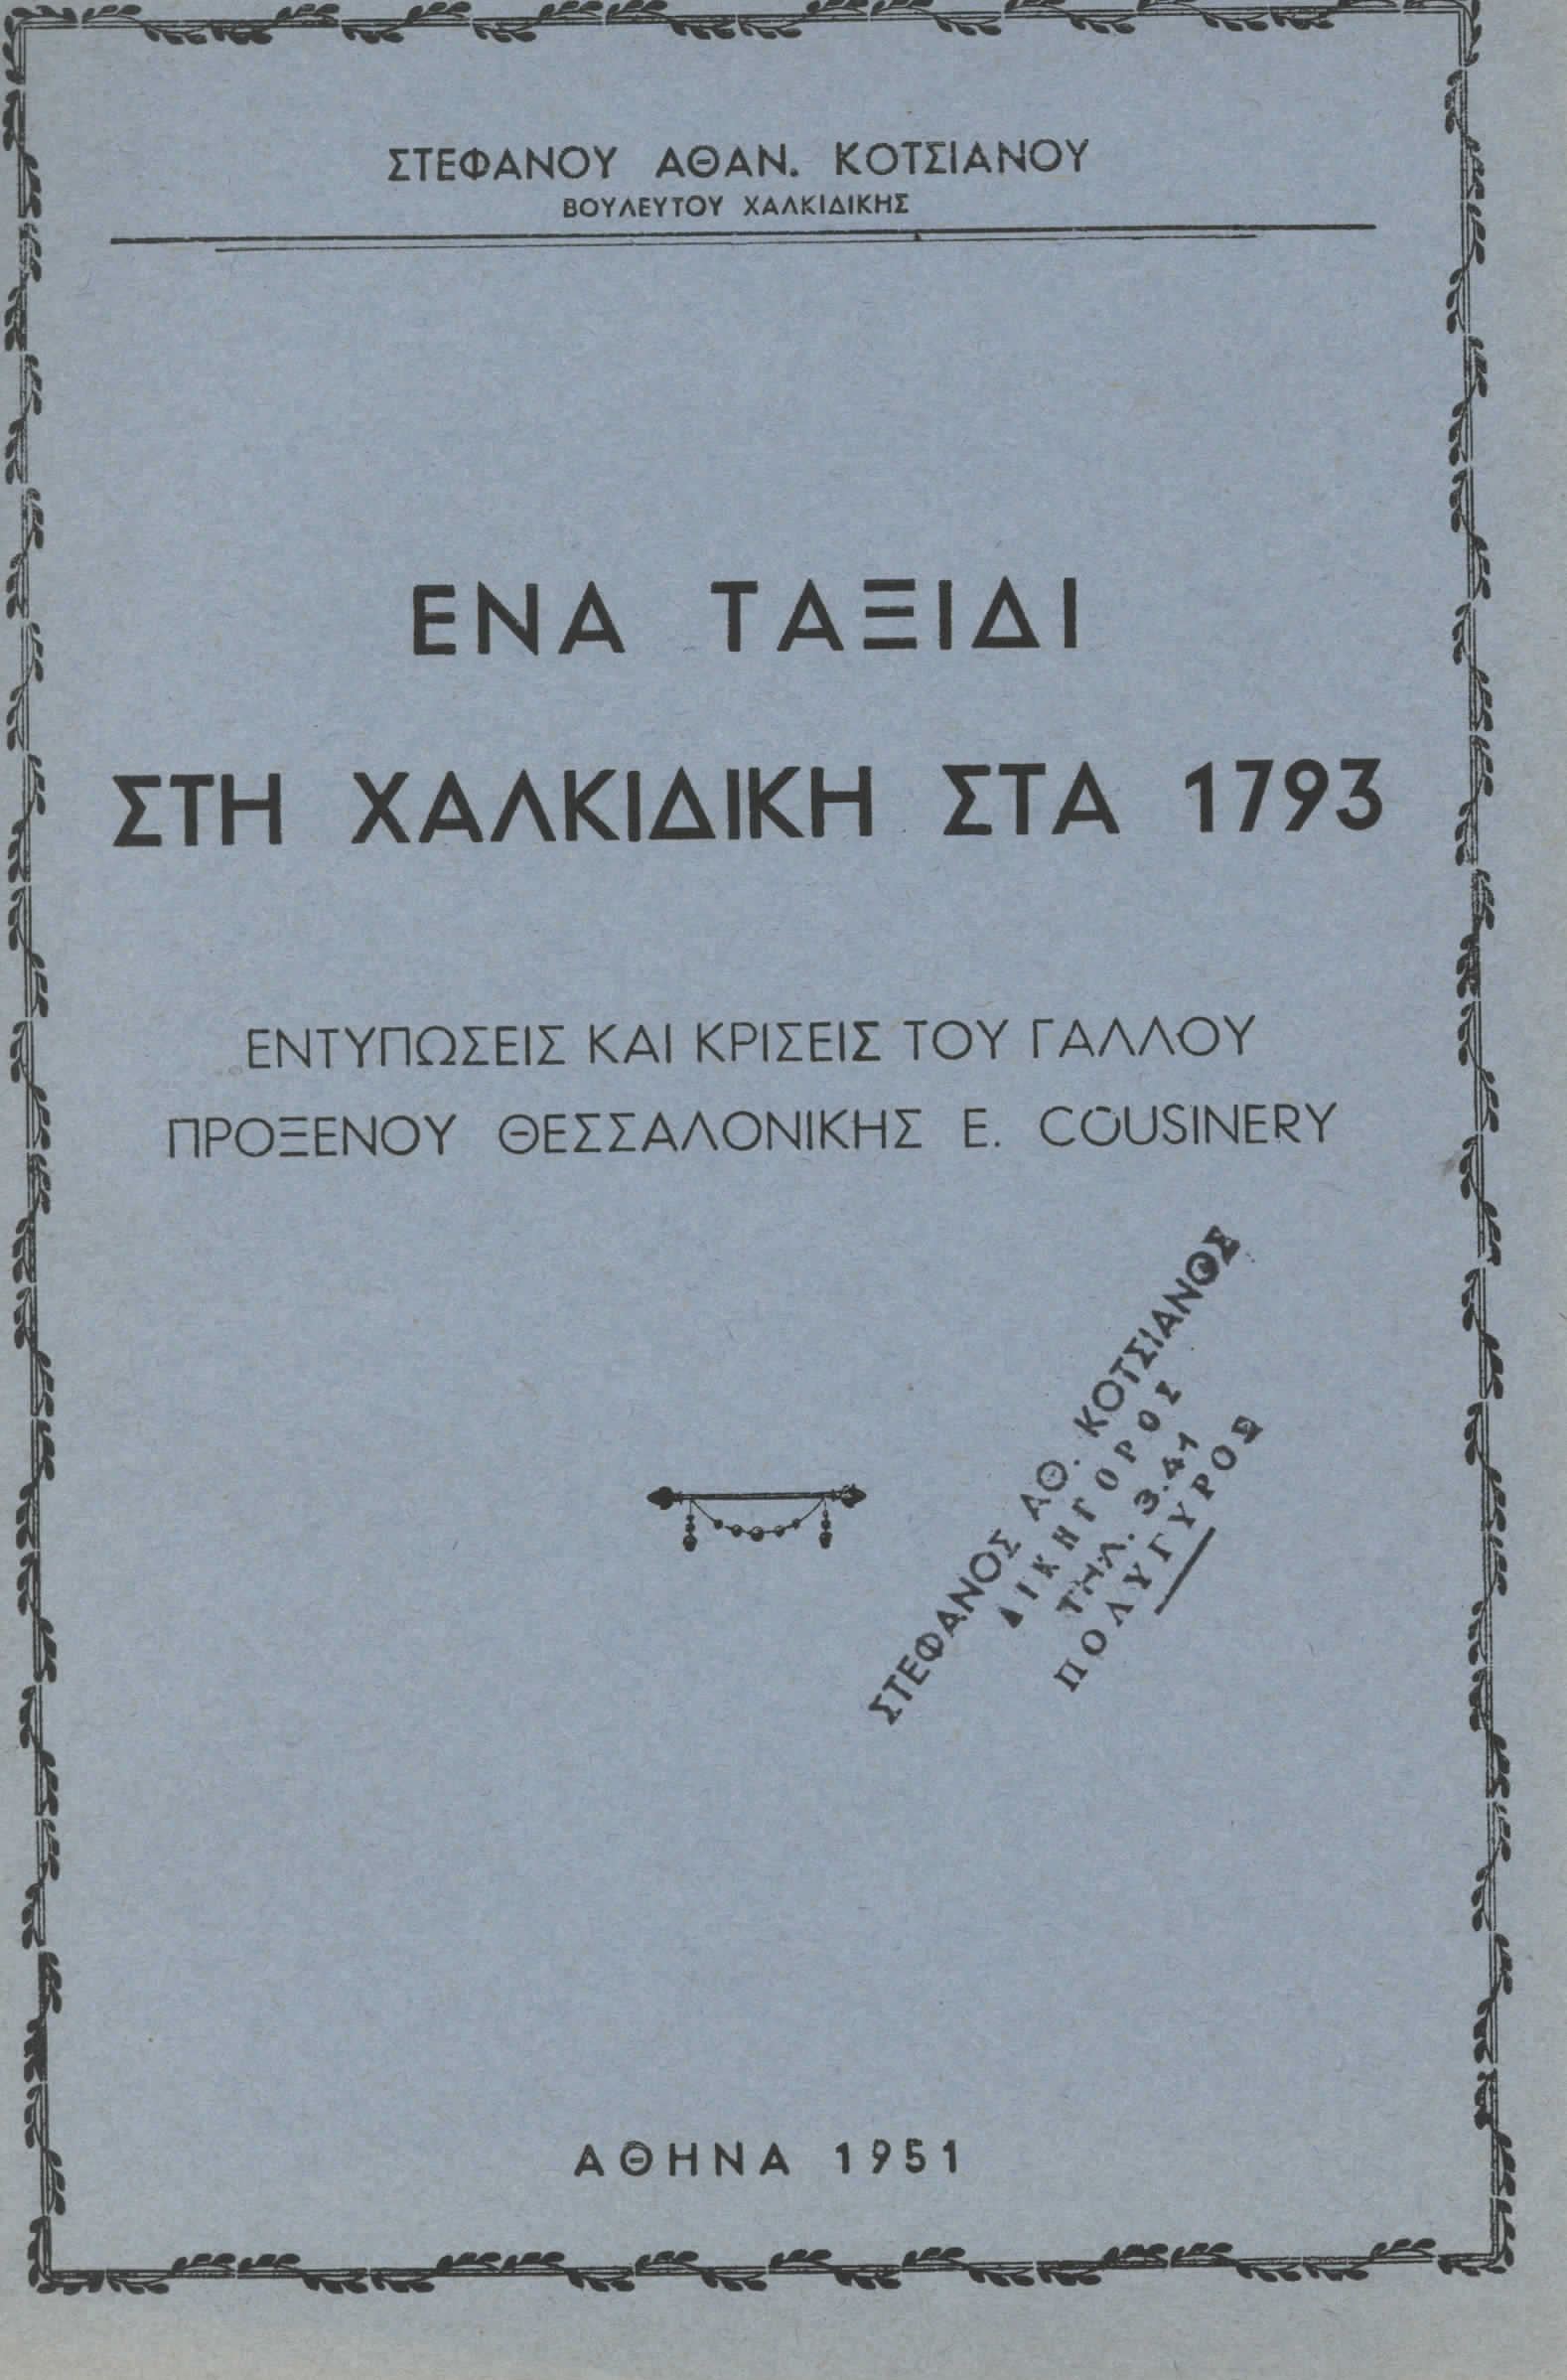 Ένα ταξίδι στη Χαλκιδική στα 1793